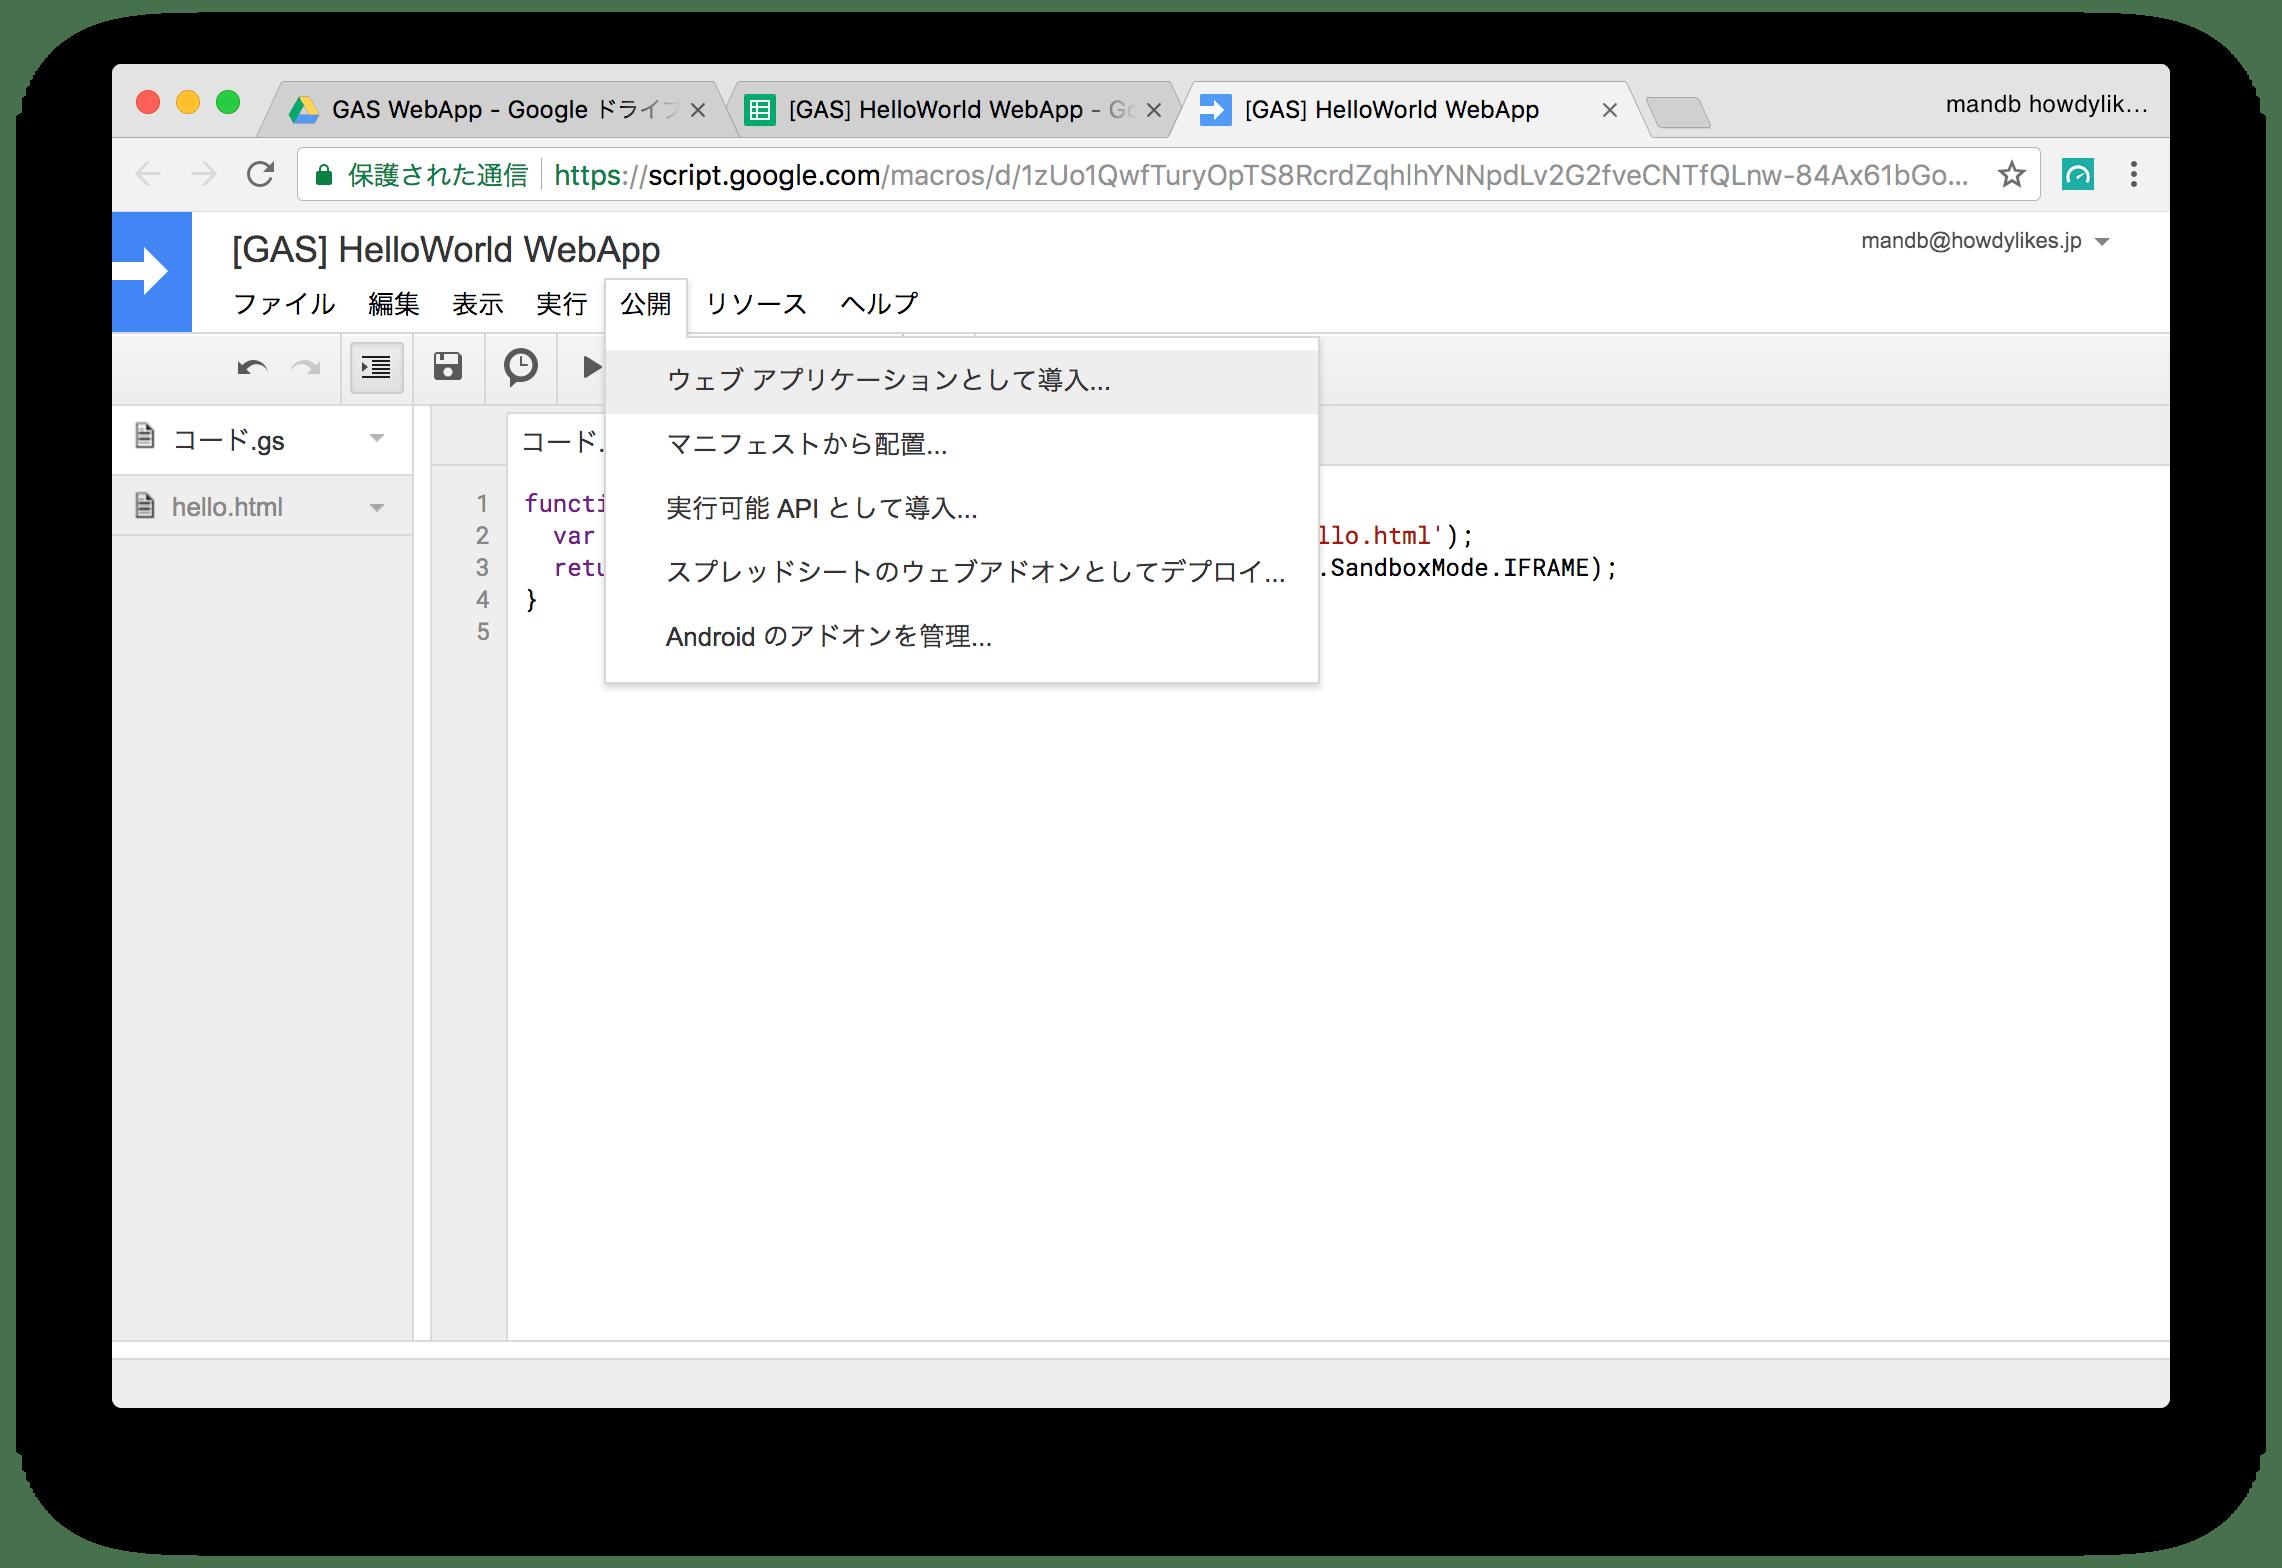 スクリーンショット 2017-12-18 2.47.04.png